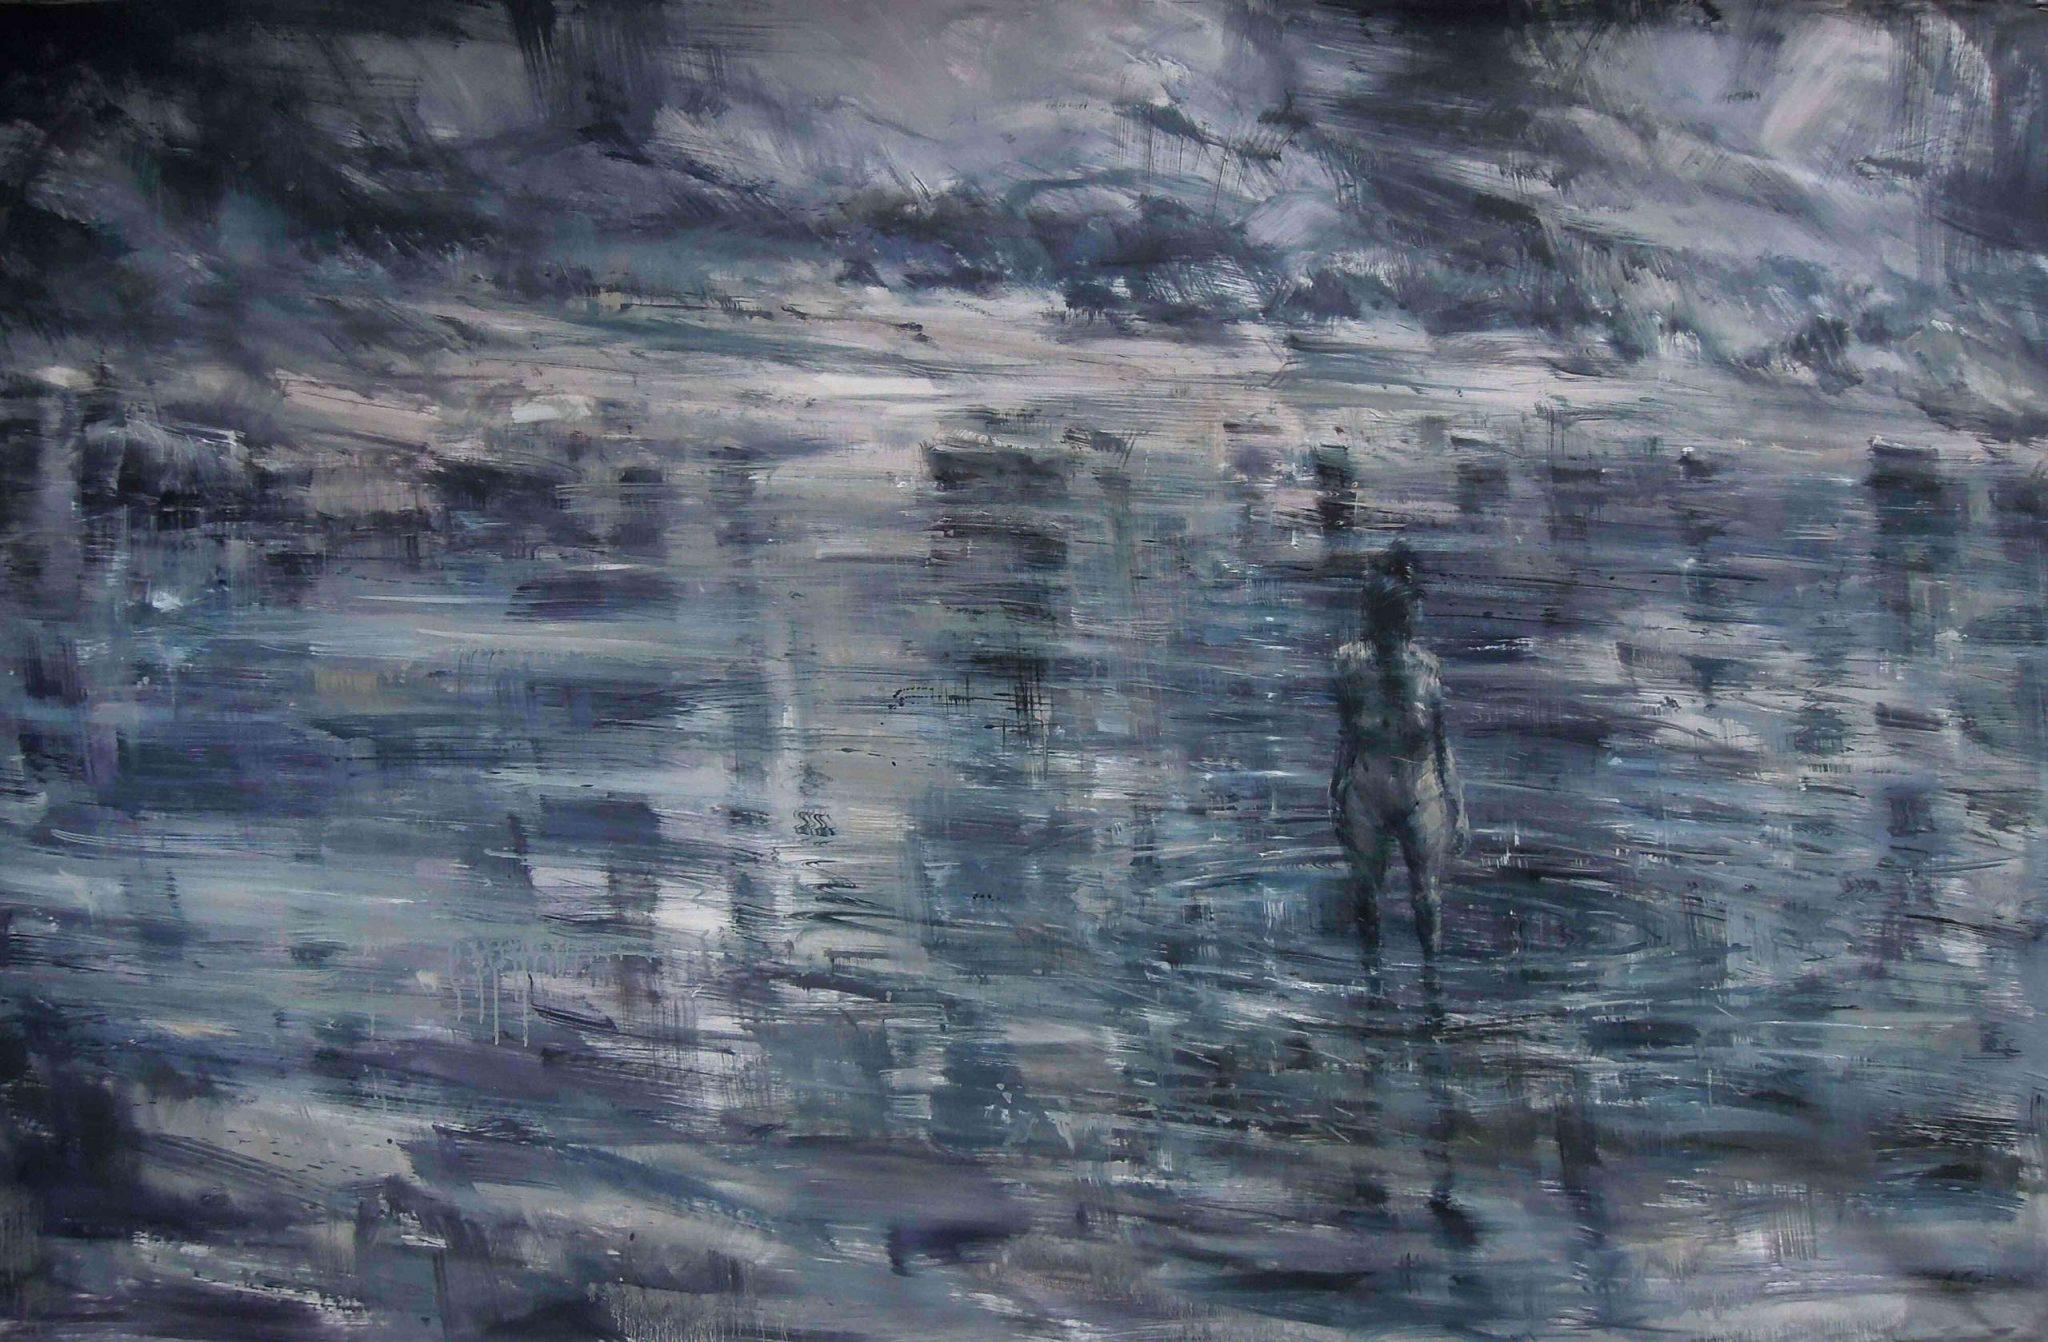 Descrizione di un dipinto immaginario. La penna di Julien Gracq è come un pennello